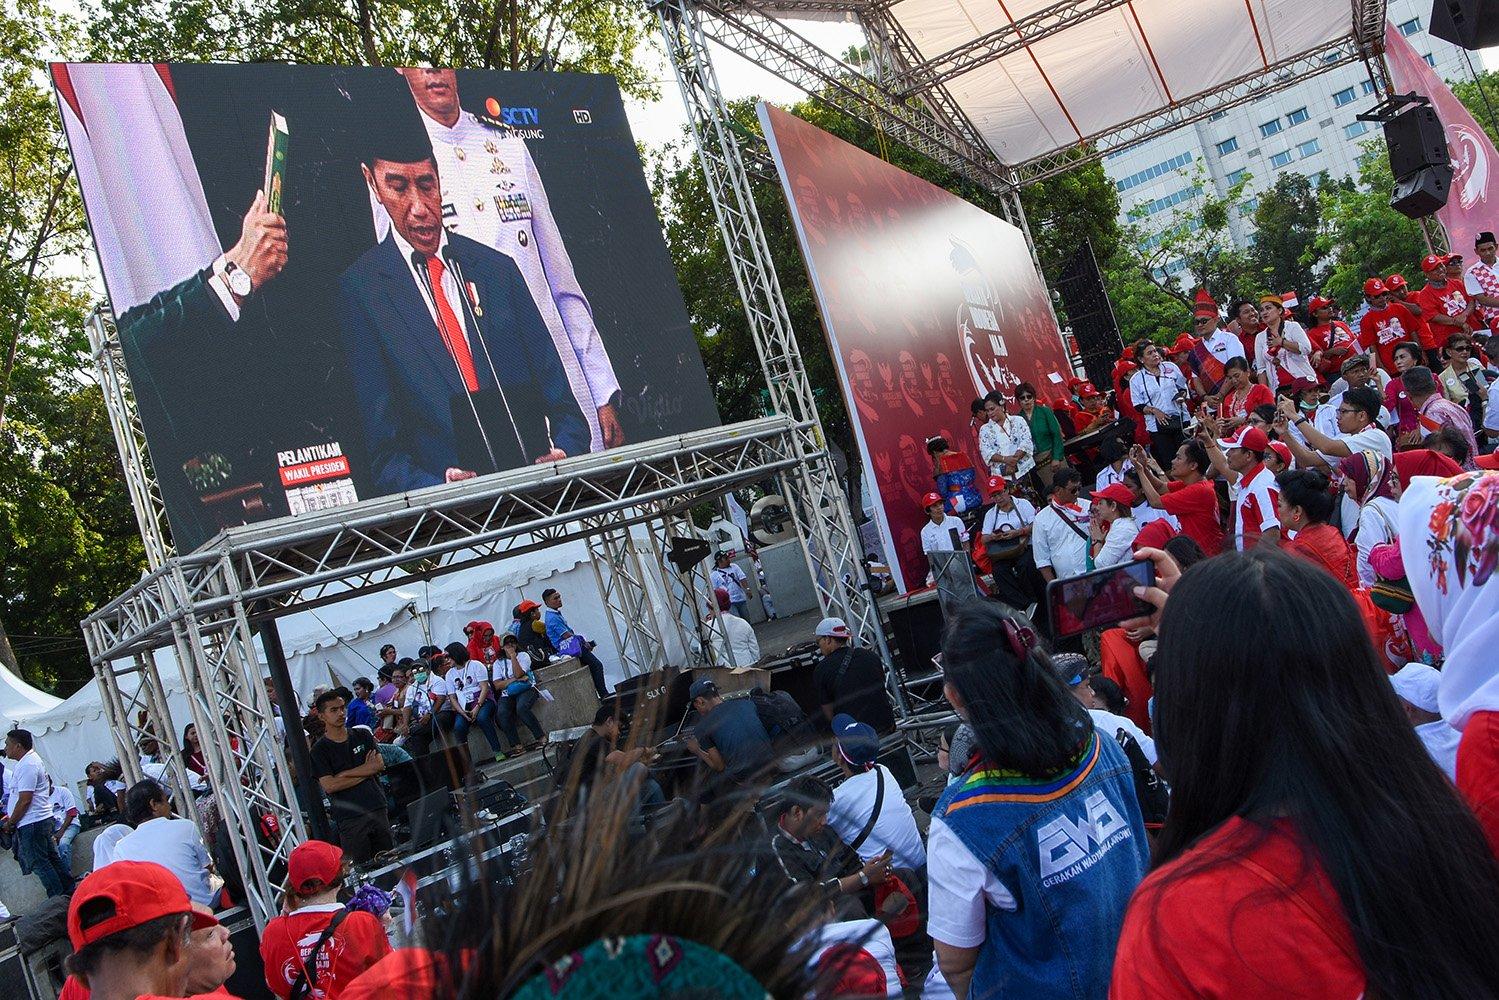 Sejumlah warga menonton bersama pelantikan Presiden dan Wakil Presiden terpilih periode 2019-2024 Joko Widodo - Ma\'ruf Amin melalui layar yang disediakan di Taman Aspirasi, Jakara, Minggu (20/10/2019).